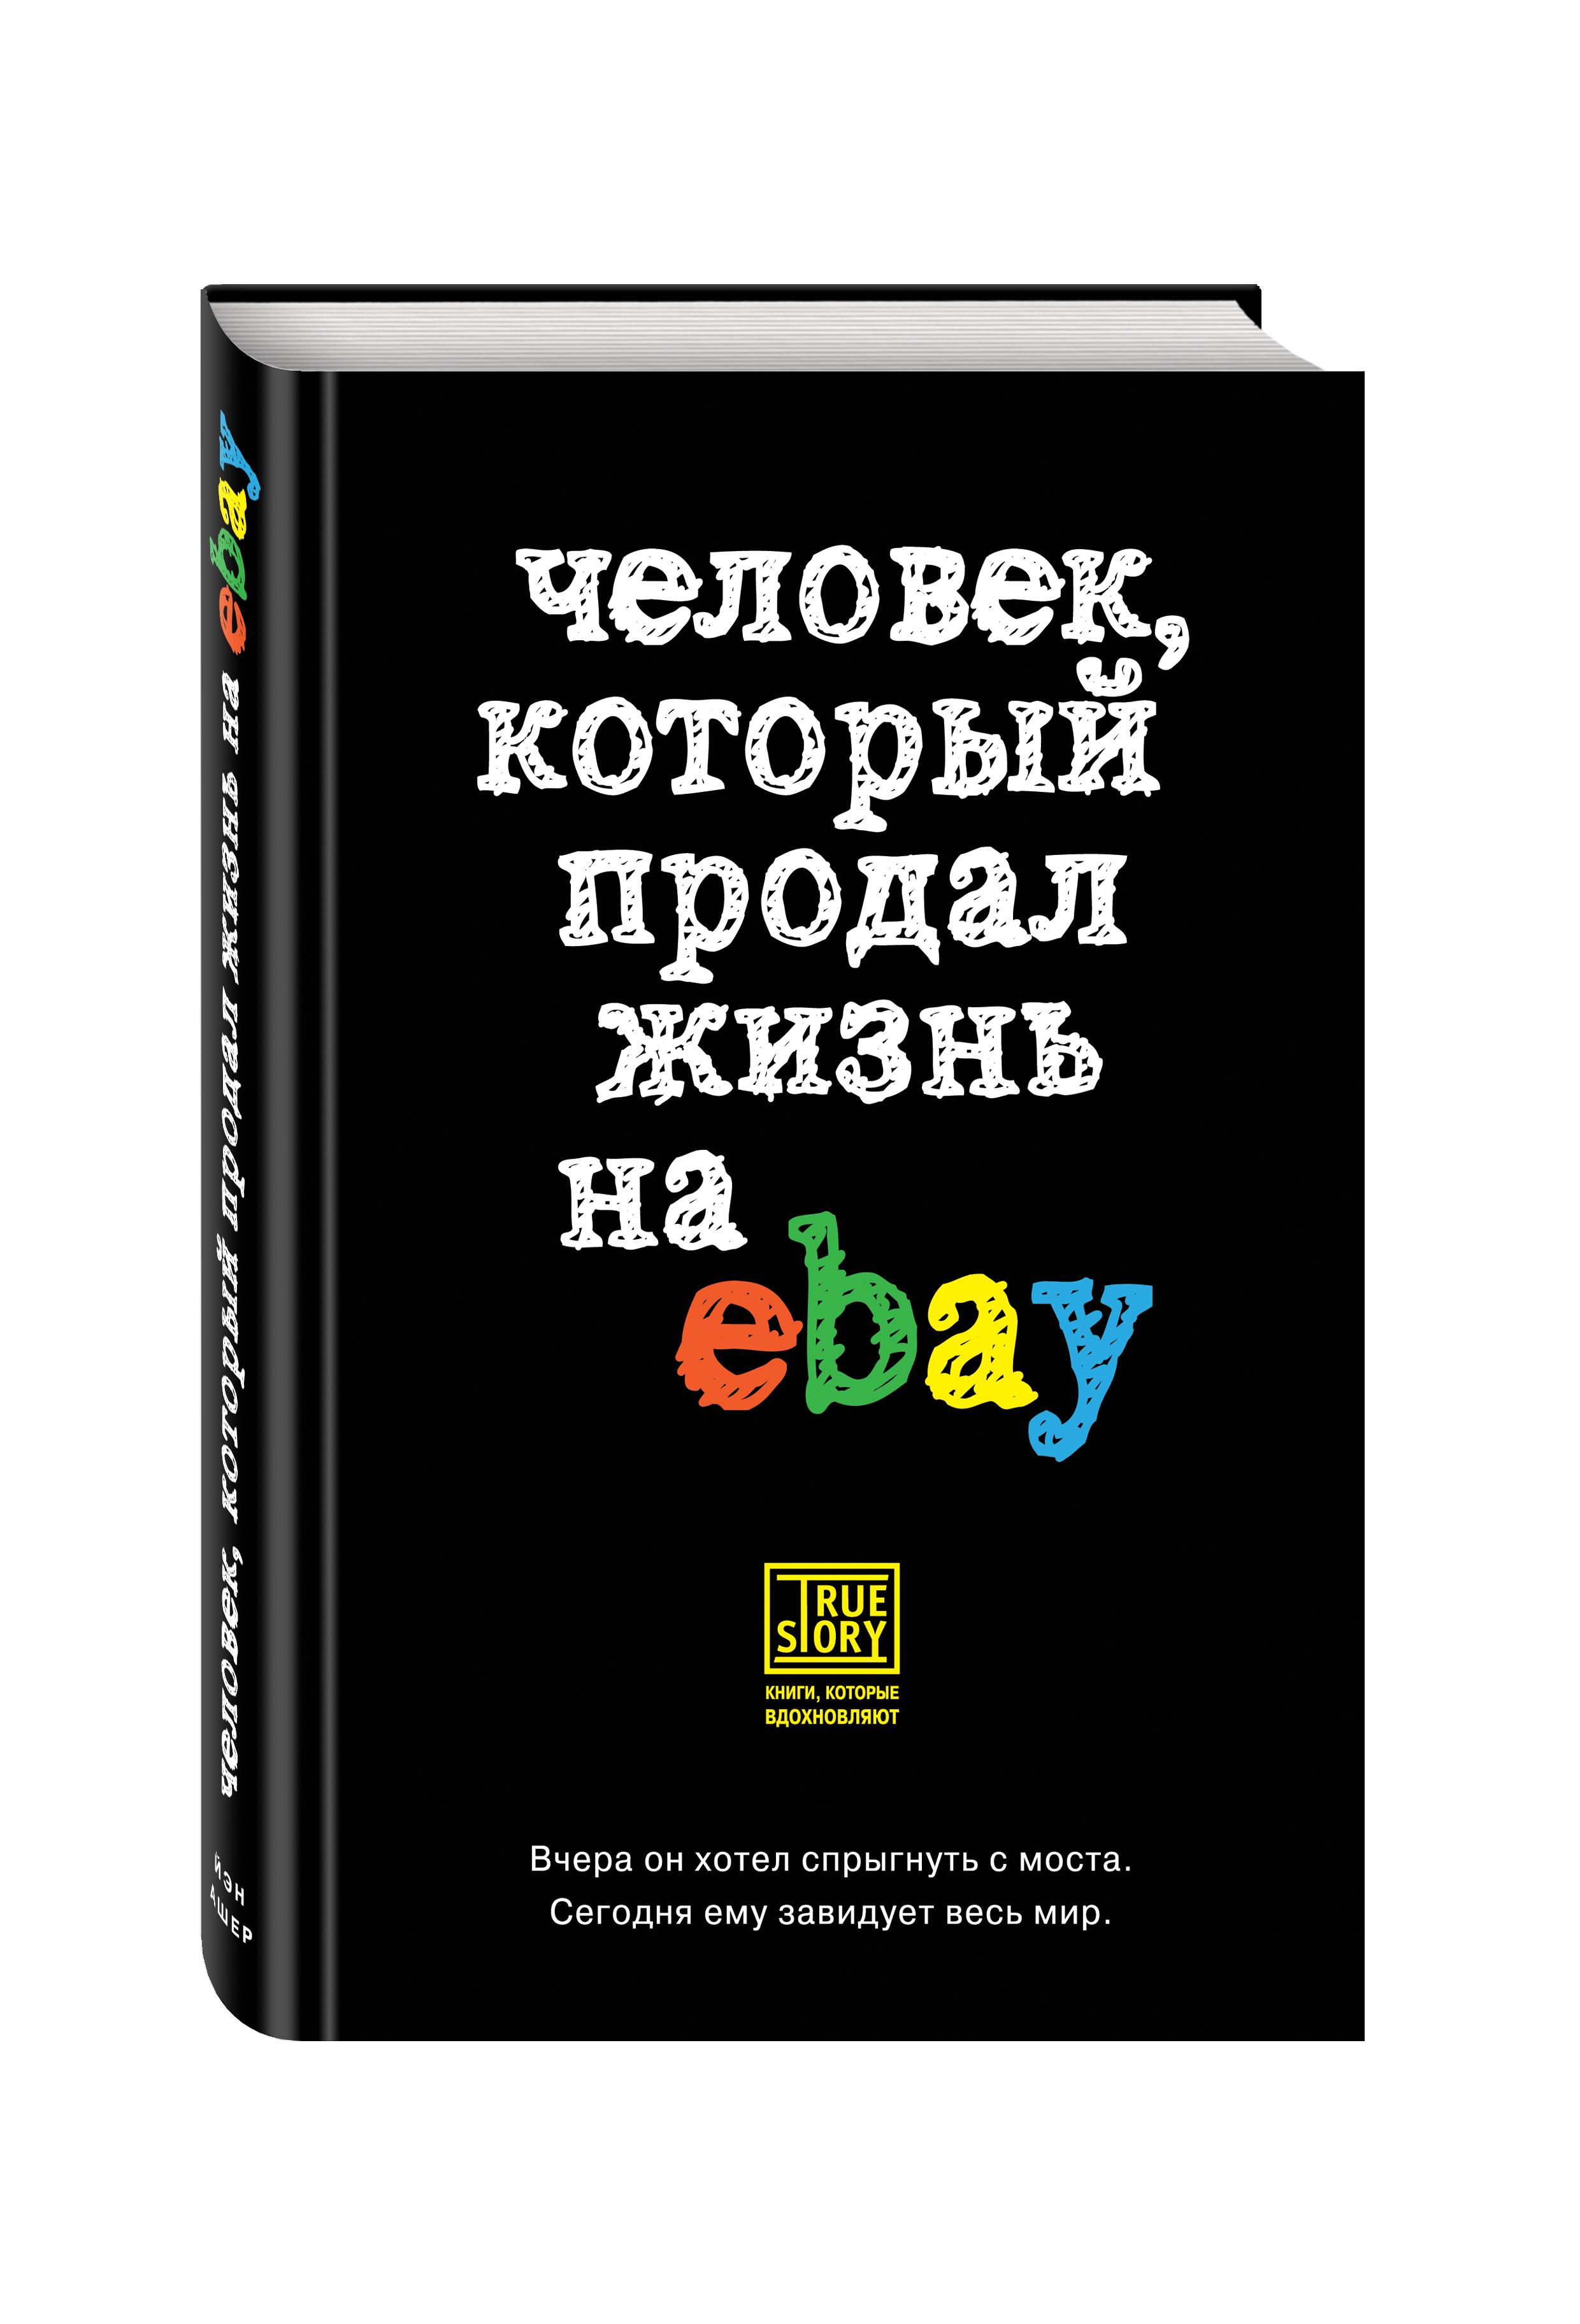 Ашер Й. Человек, который продал жизнь на eBay